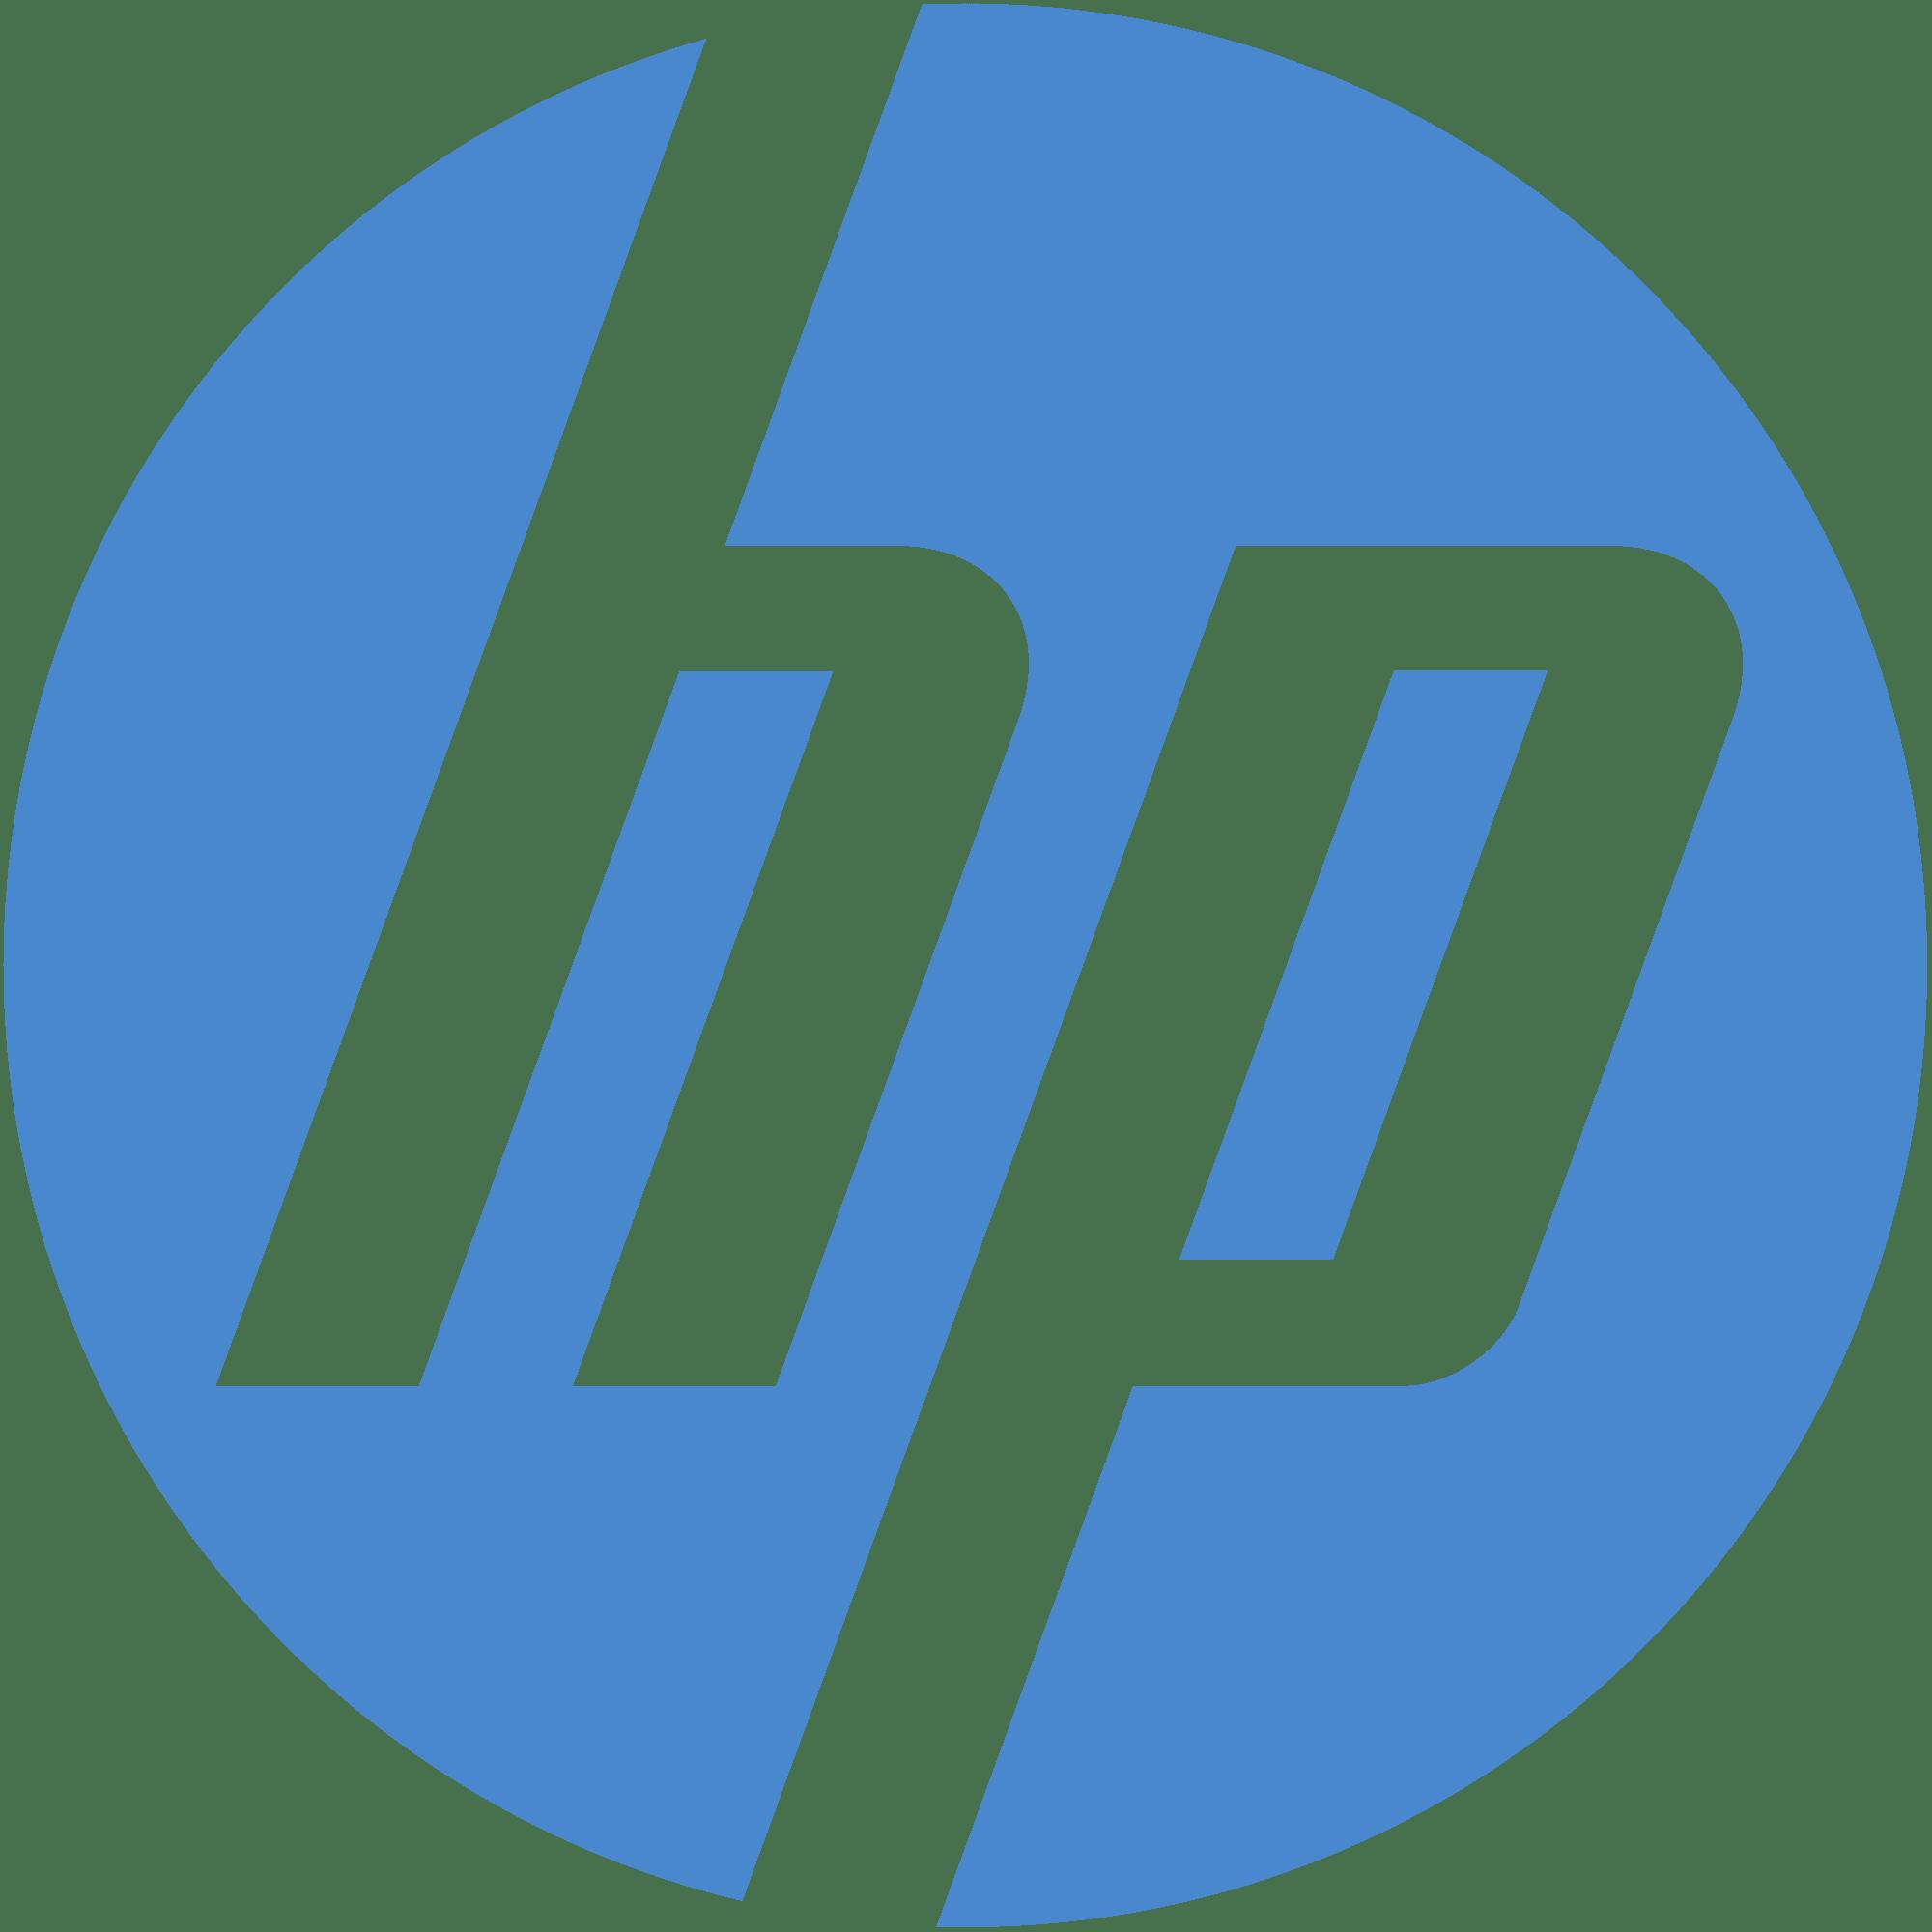 HP LaserJet Pro 400 MFP M425dn drivers